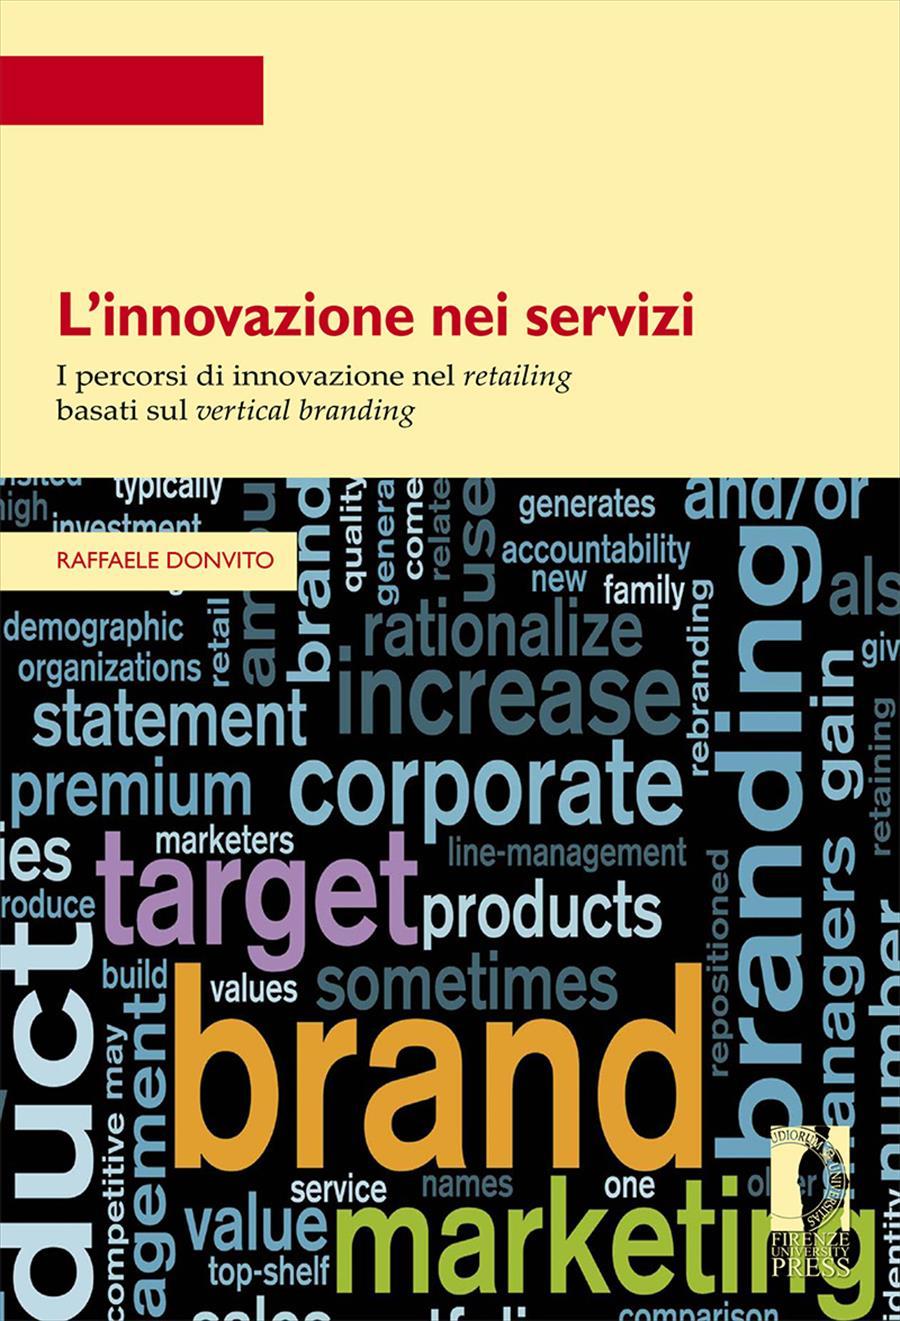 L'innovazione nei servizi